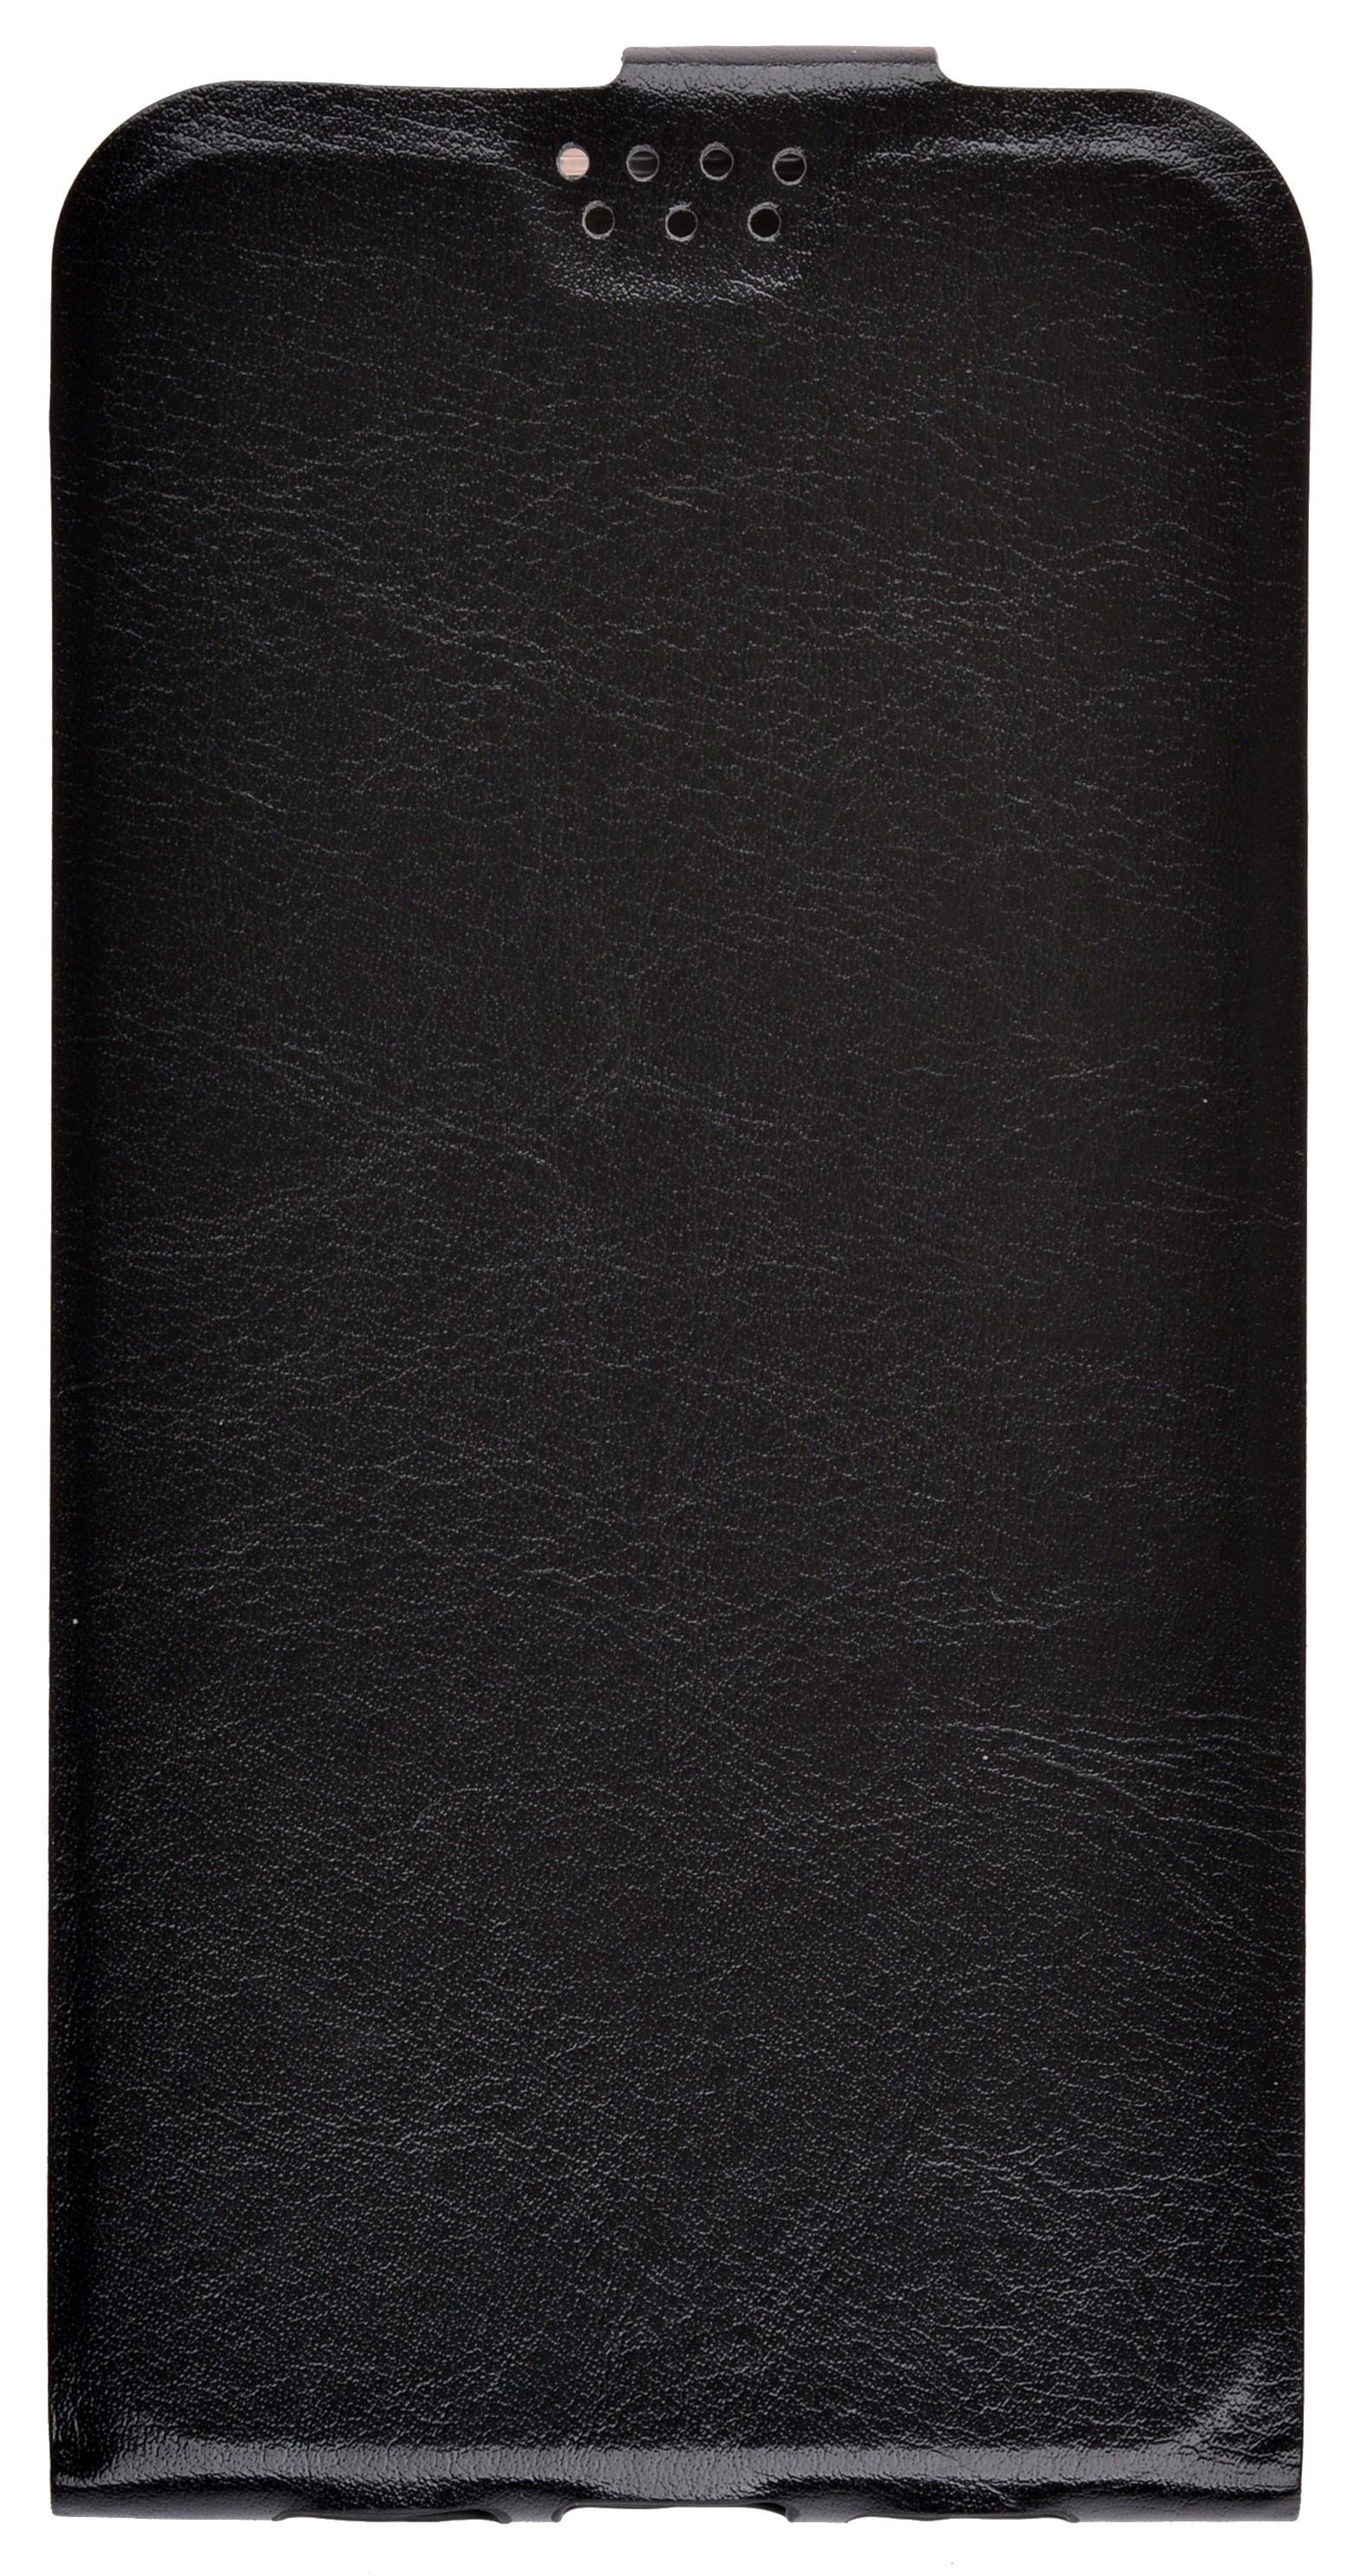 Чехол для сотового телефона skinBOX Flip slim, 4630042525191, черный чехол для сотового телефона skinbox flip slim 4660041407587 черный